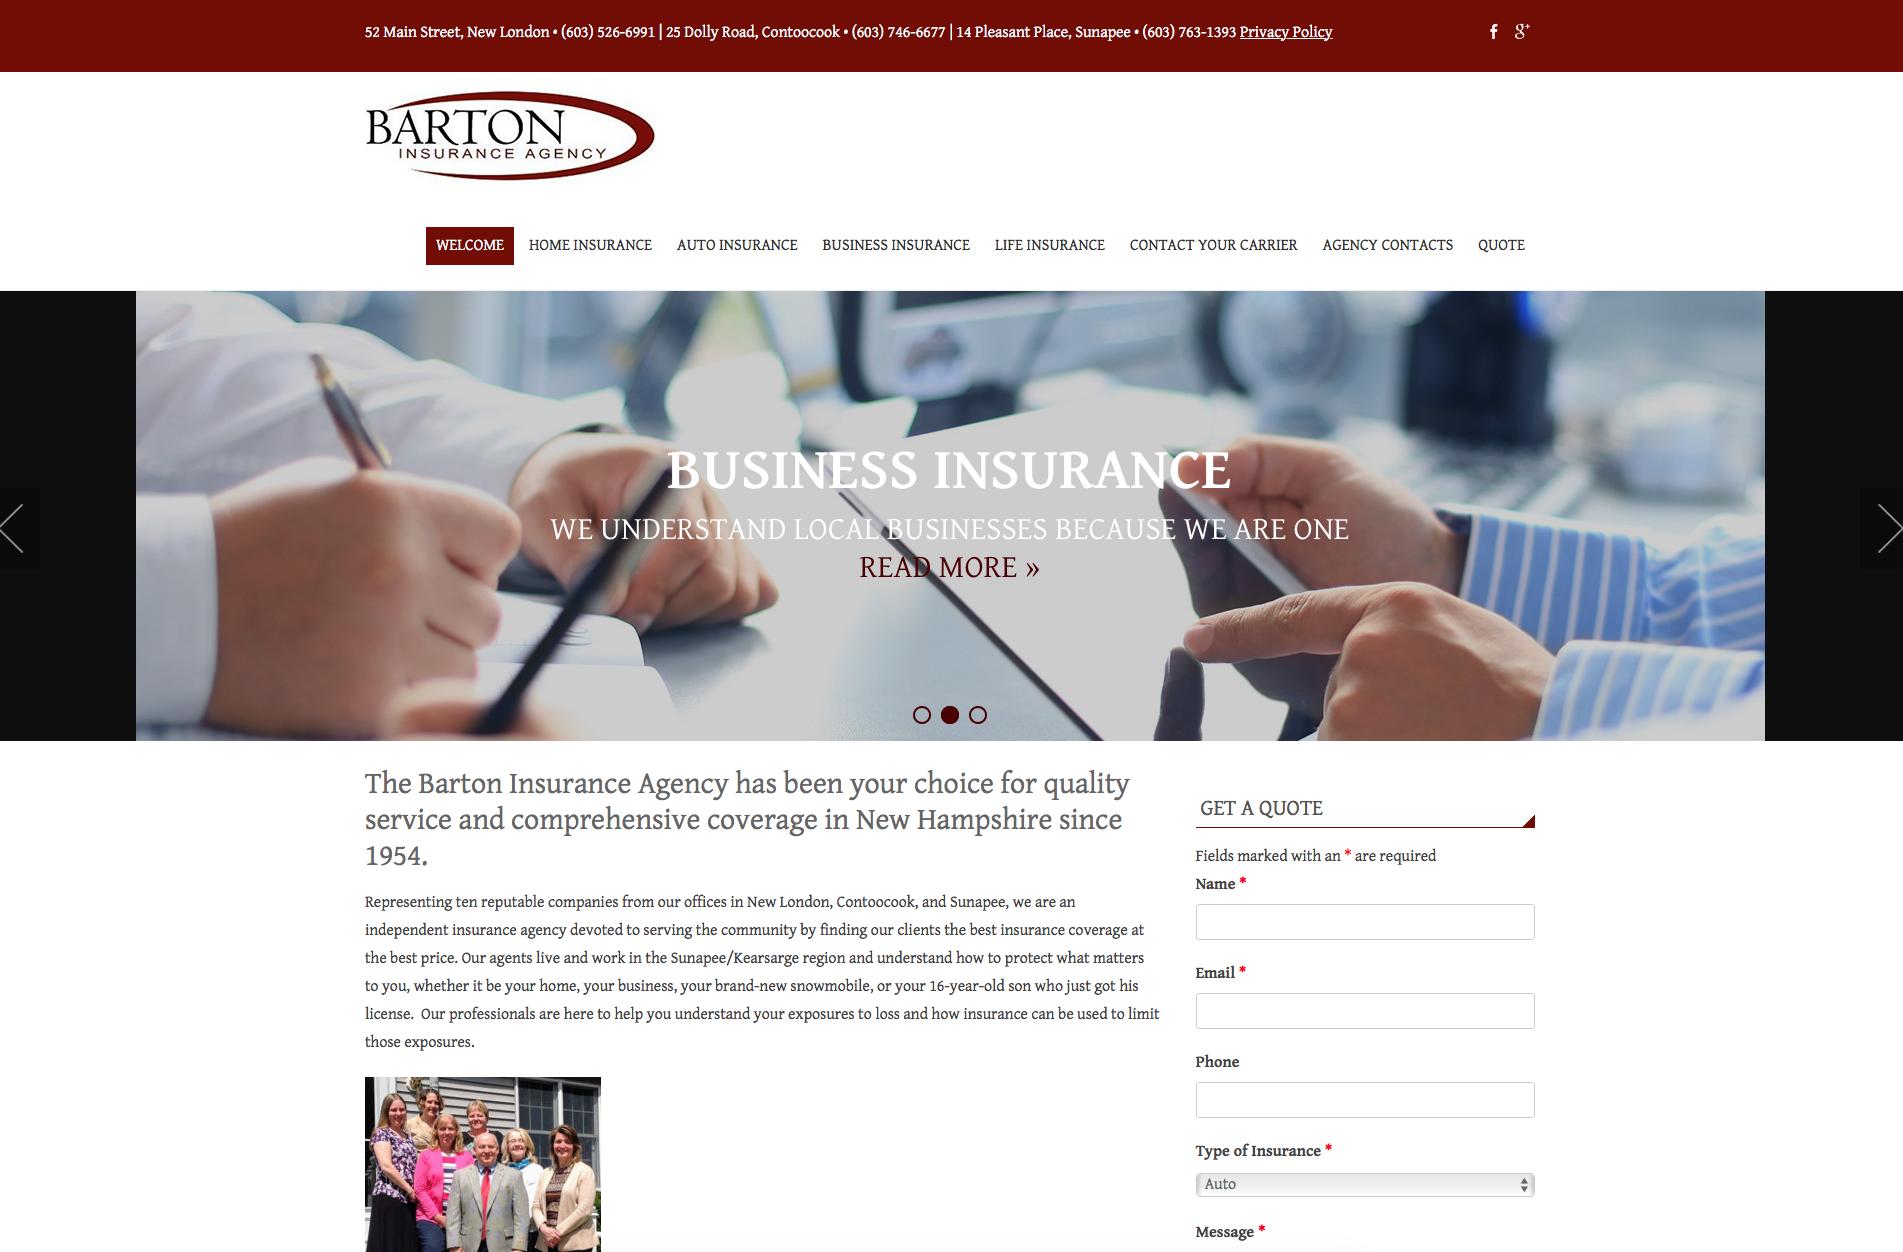 Barton Insurance Agency